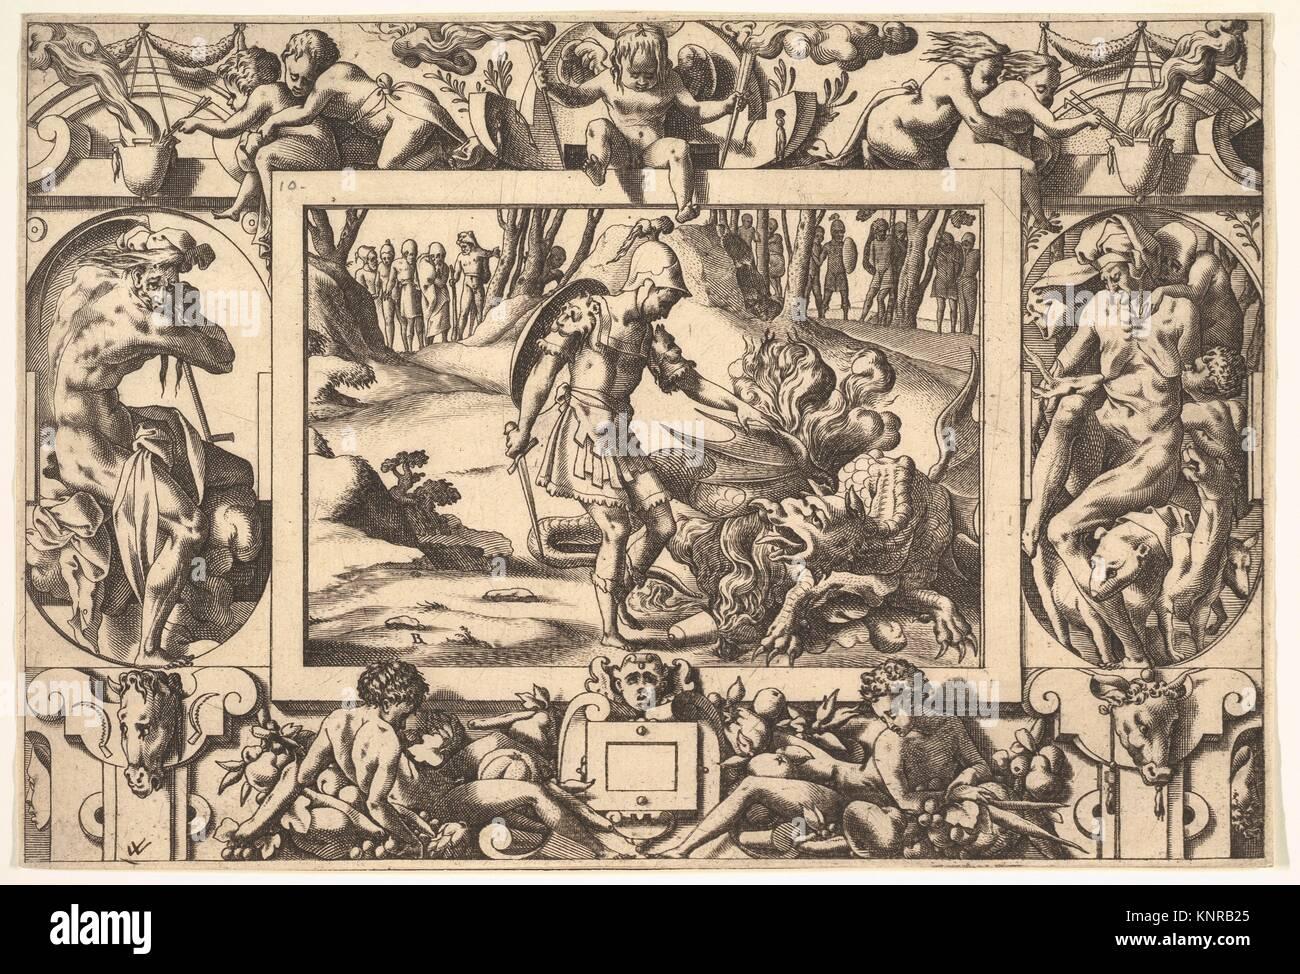 Jason enfrenta el dragón custodiando el Vellocino de Oro, desde: Histoire de Jason et de la conquête de Imagen De Stock